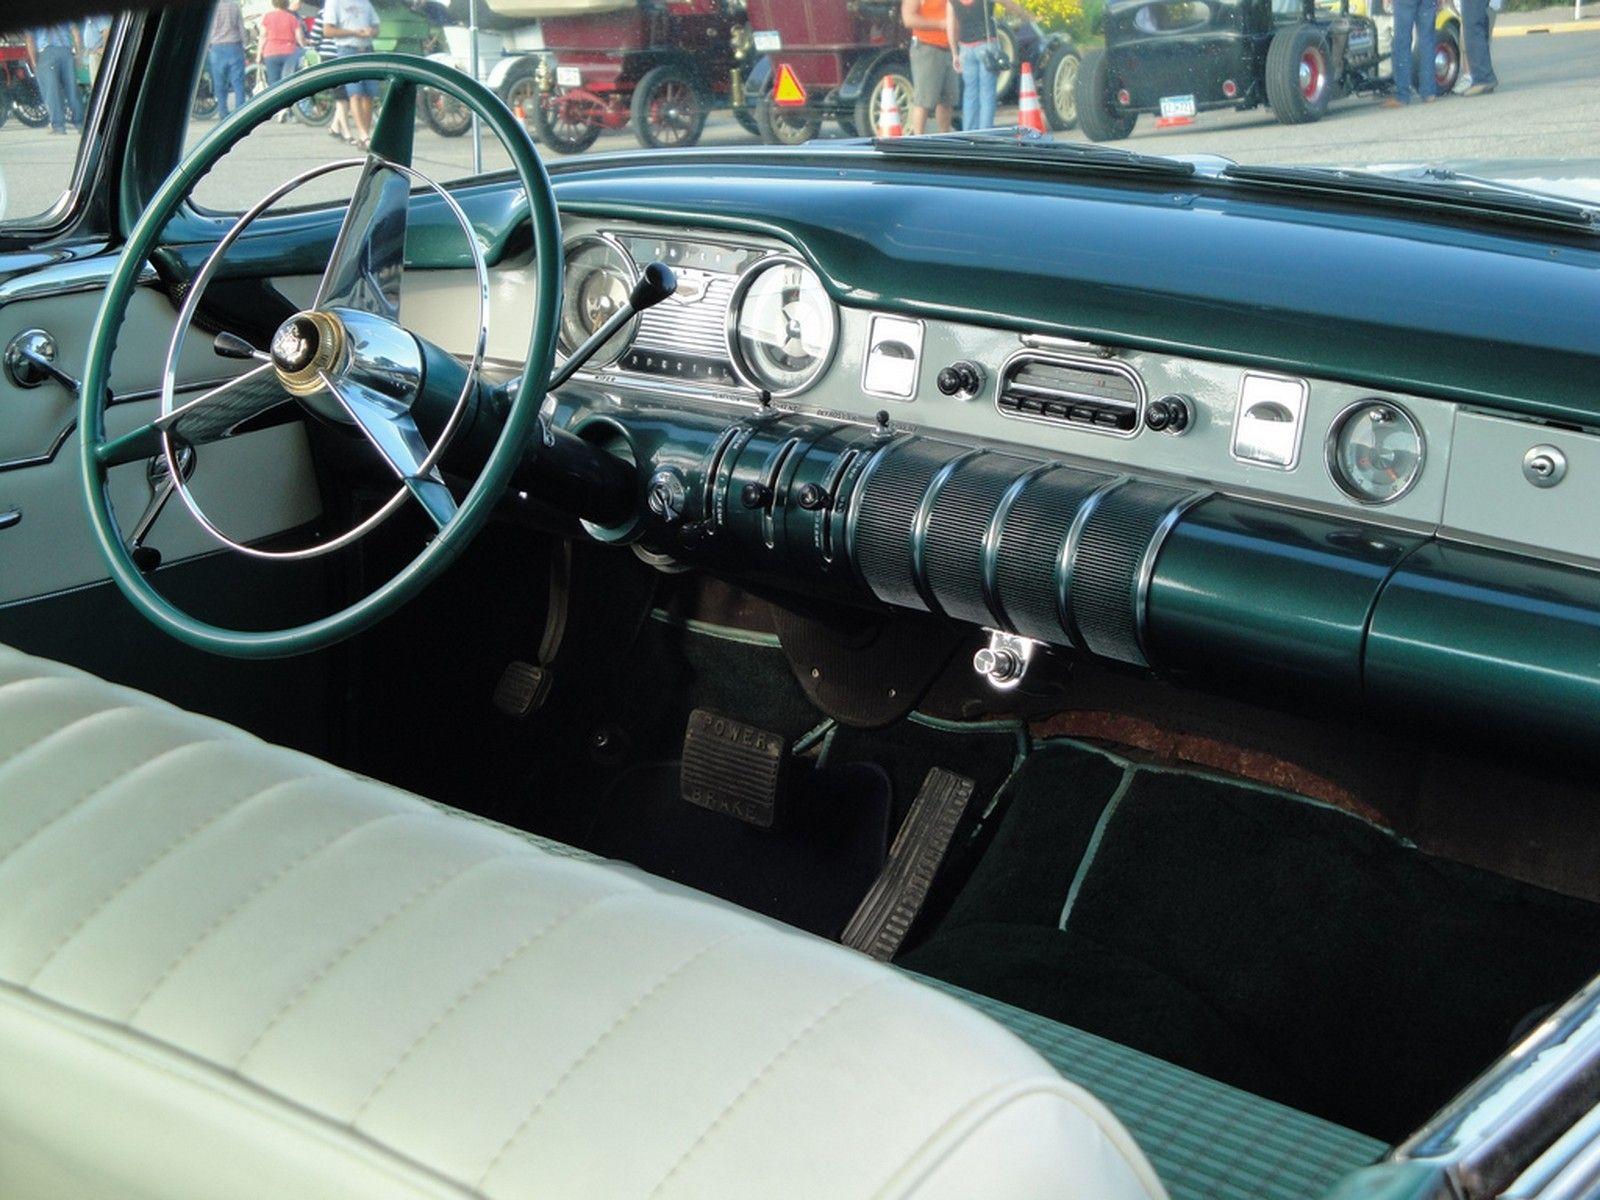 A D D C Afb E Ecefd on 1987 Buick Lesabre